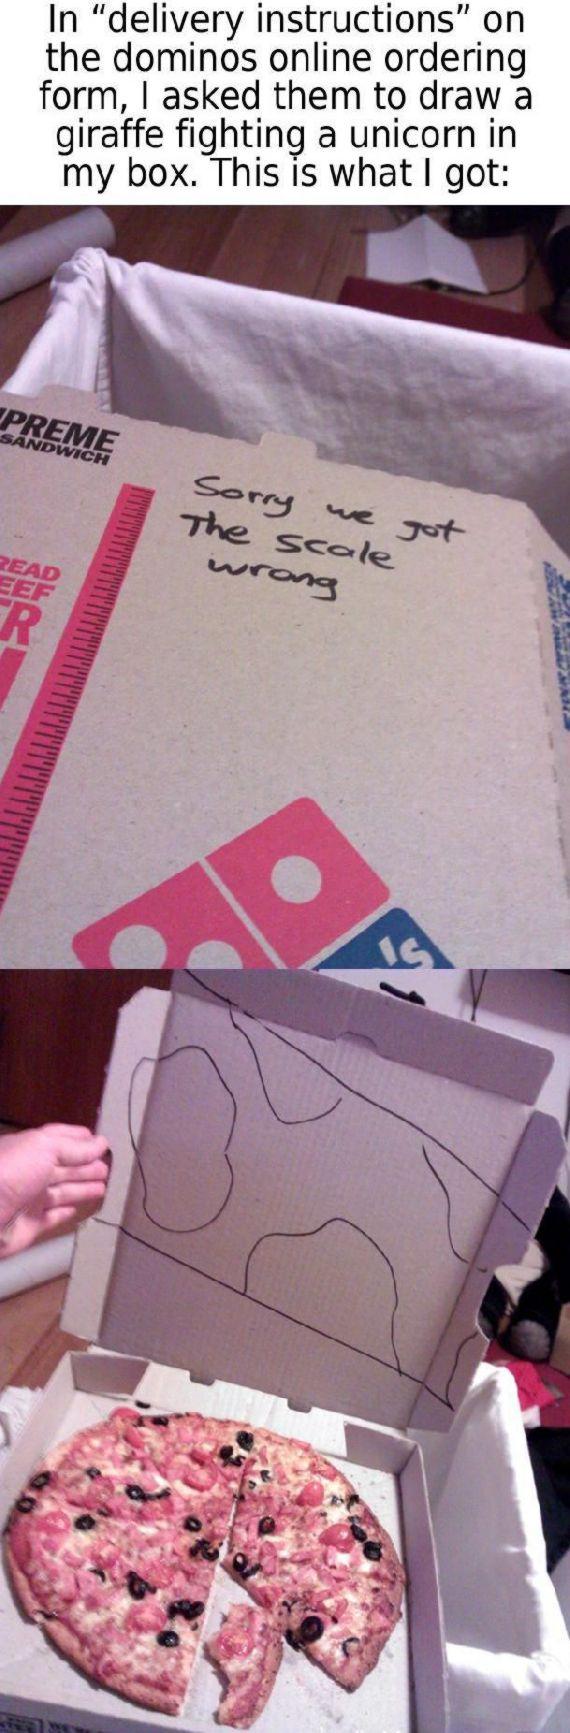 instrucciones cajas pizza 06